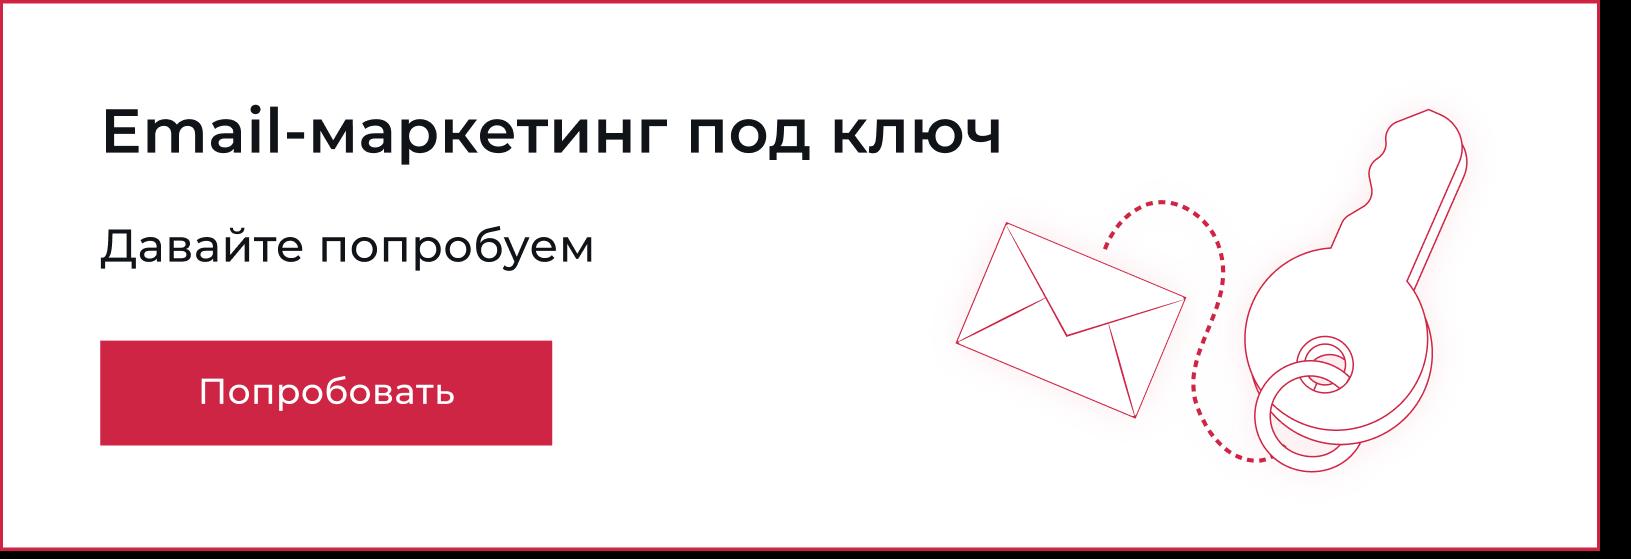 Email-маркетинг под ключ